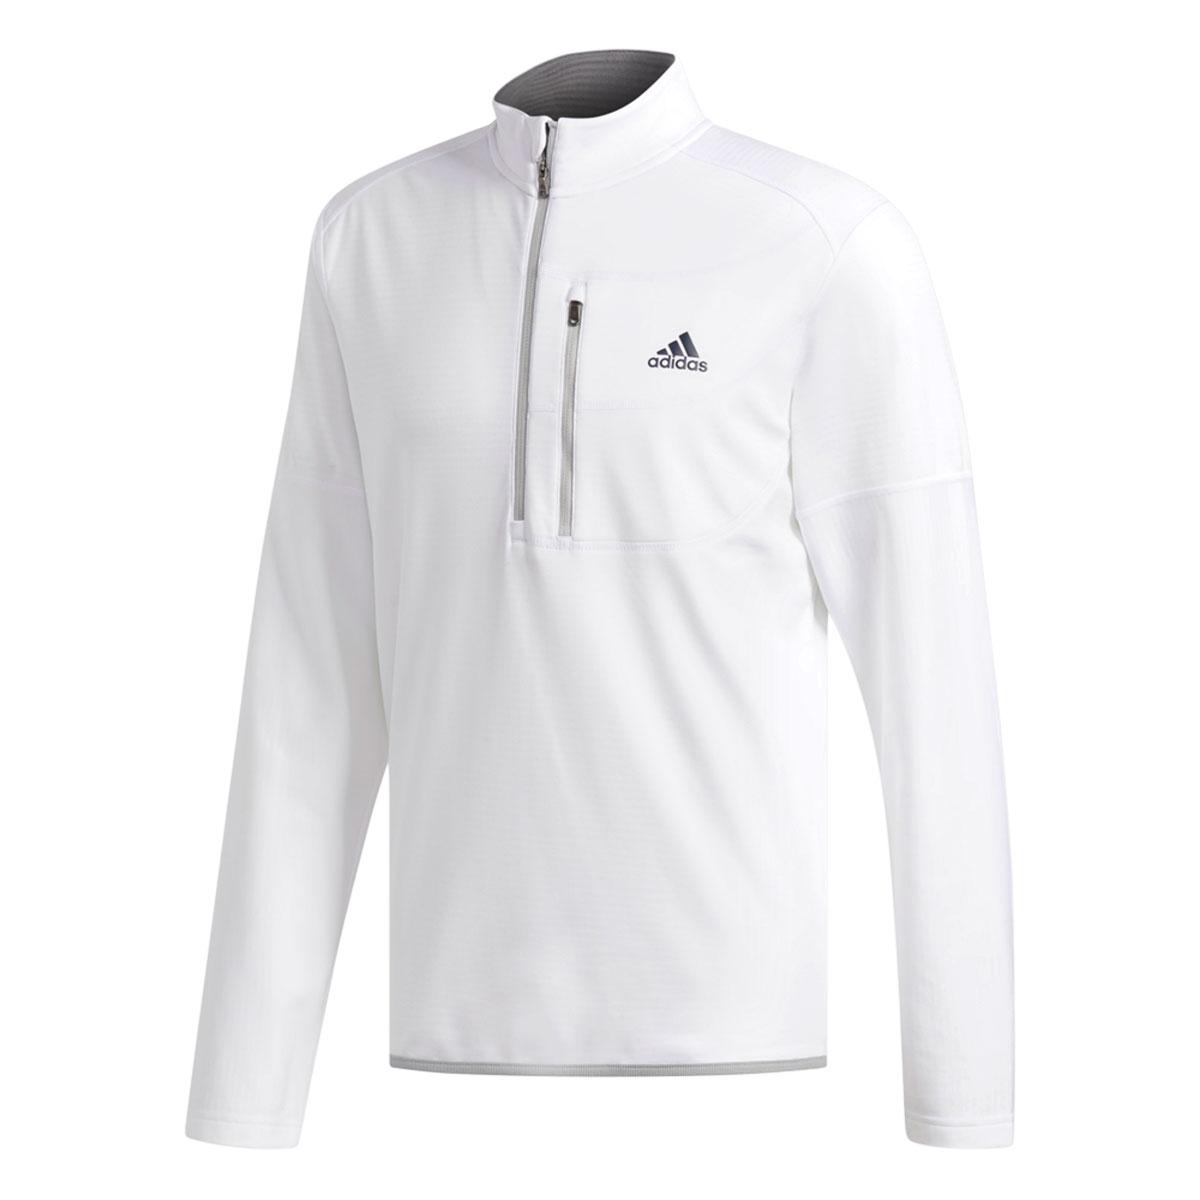 adidas Golf Climawarm Gridded Jacket